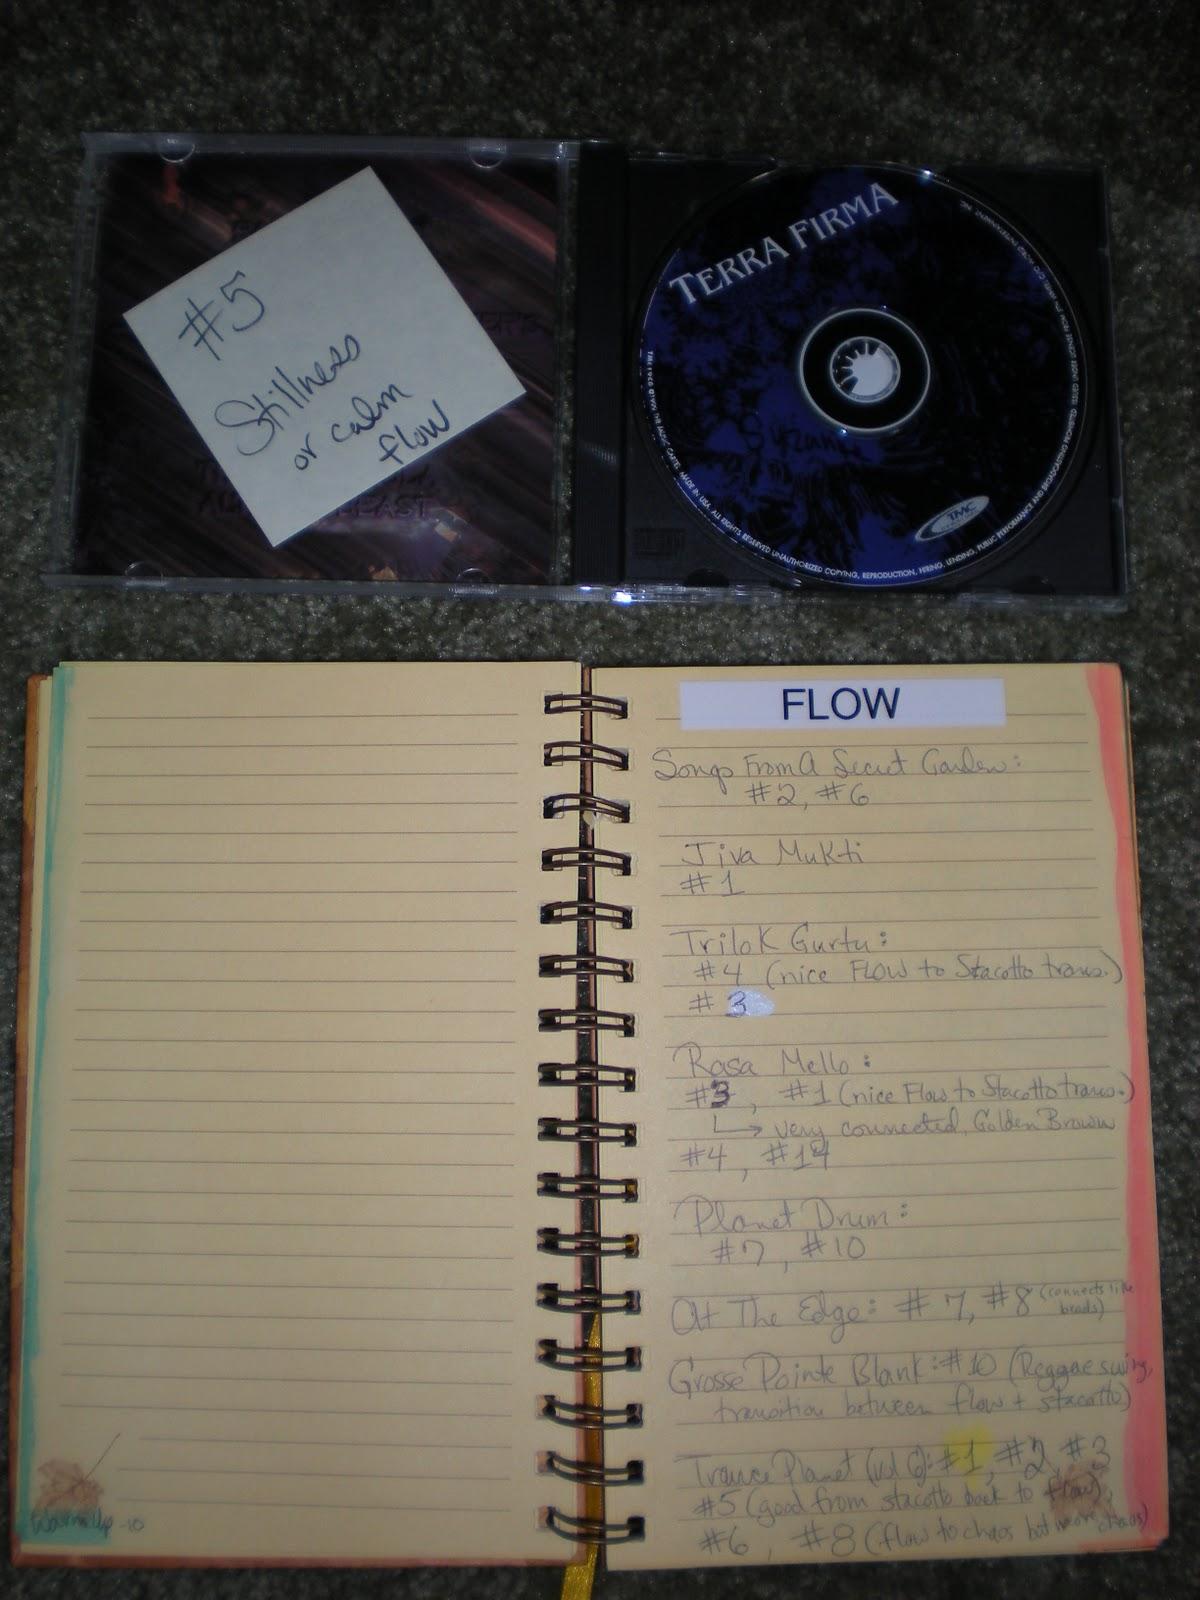 Terrafirma 6 Soundtrack